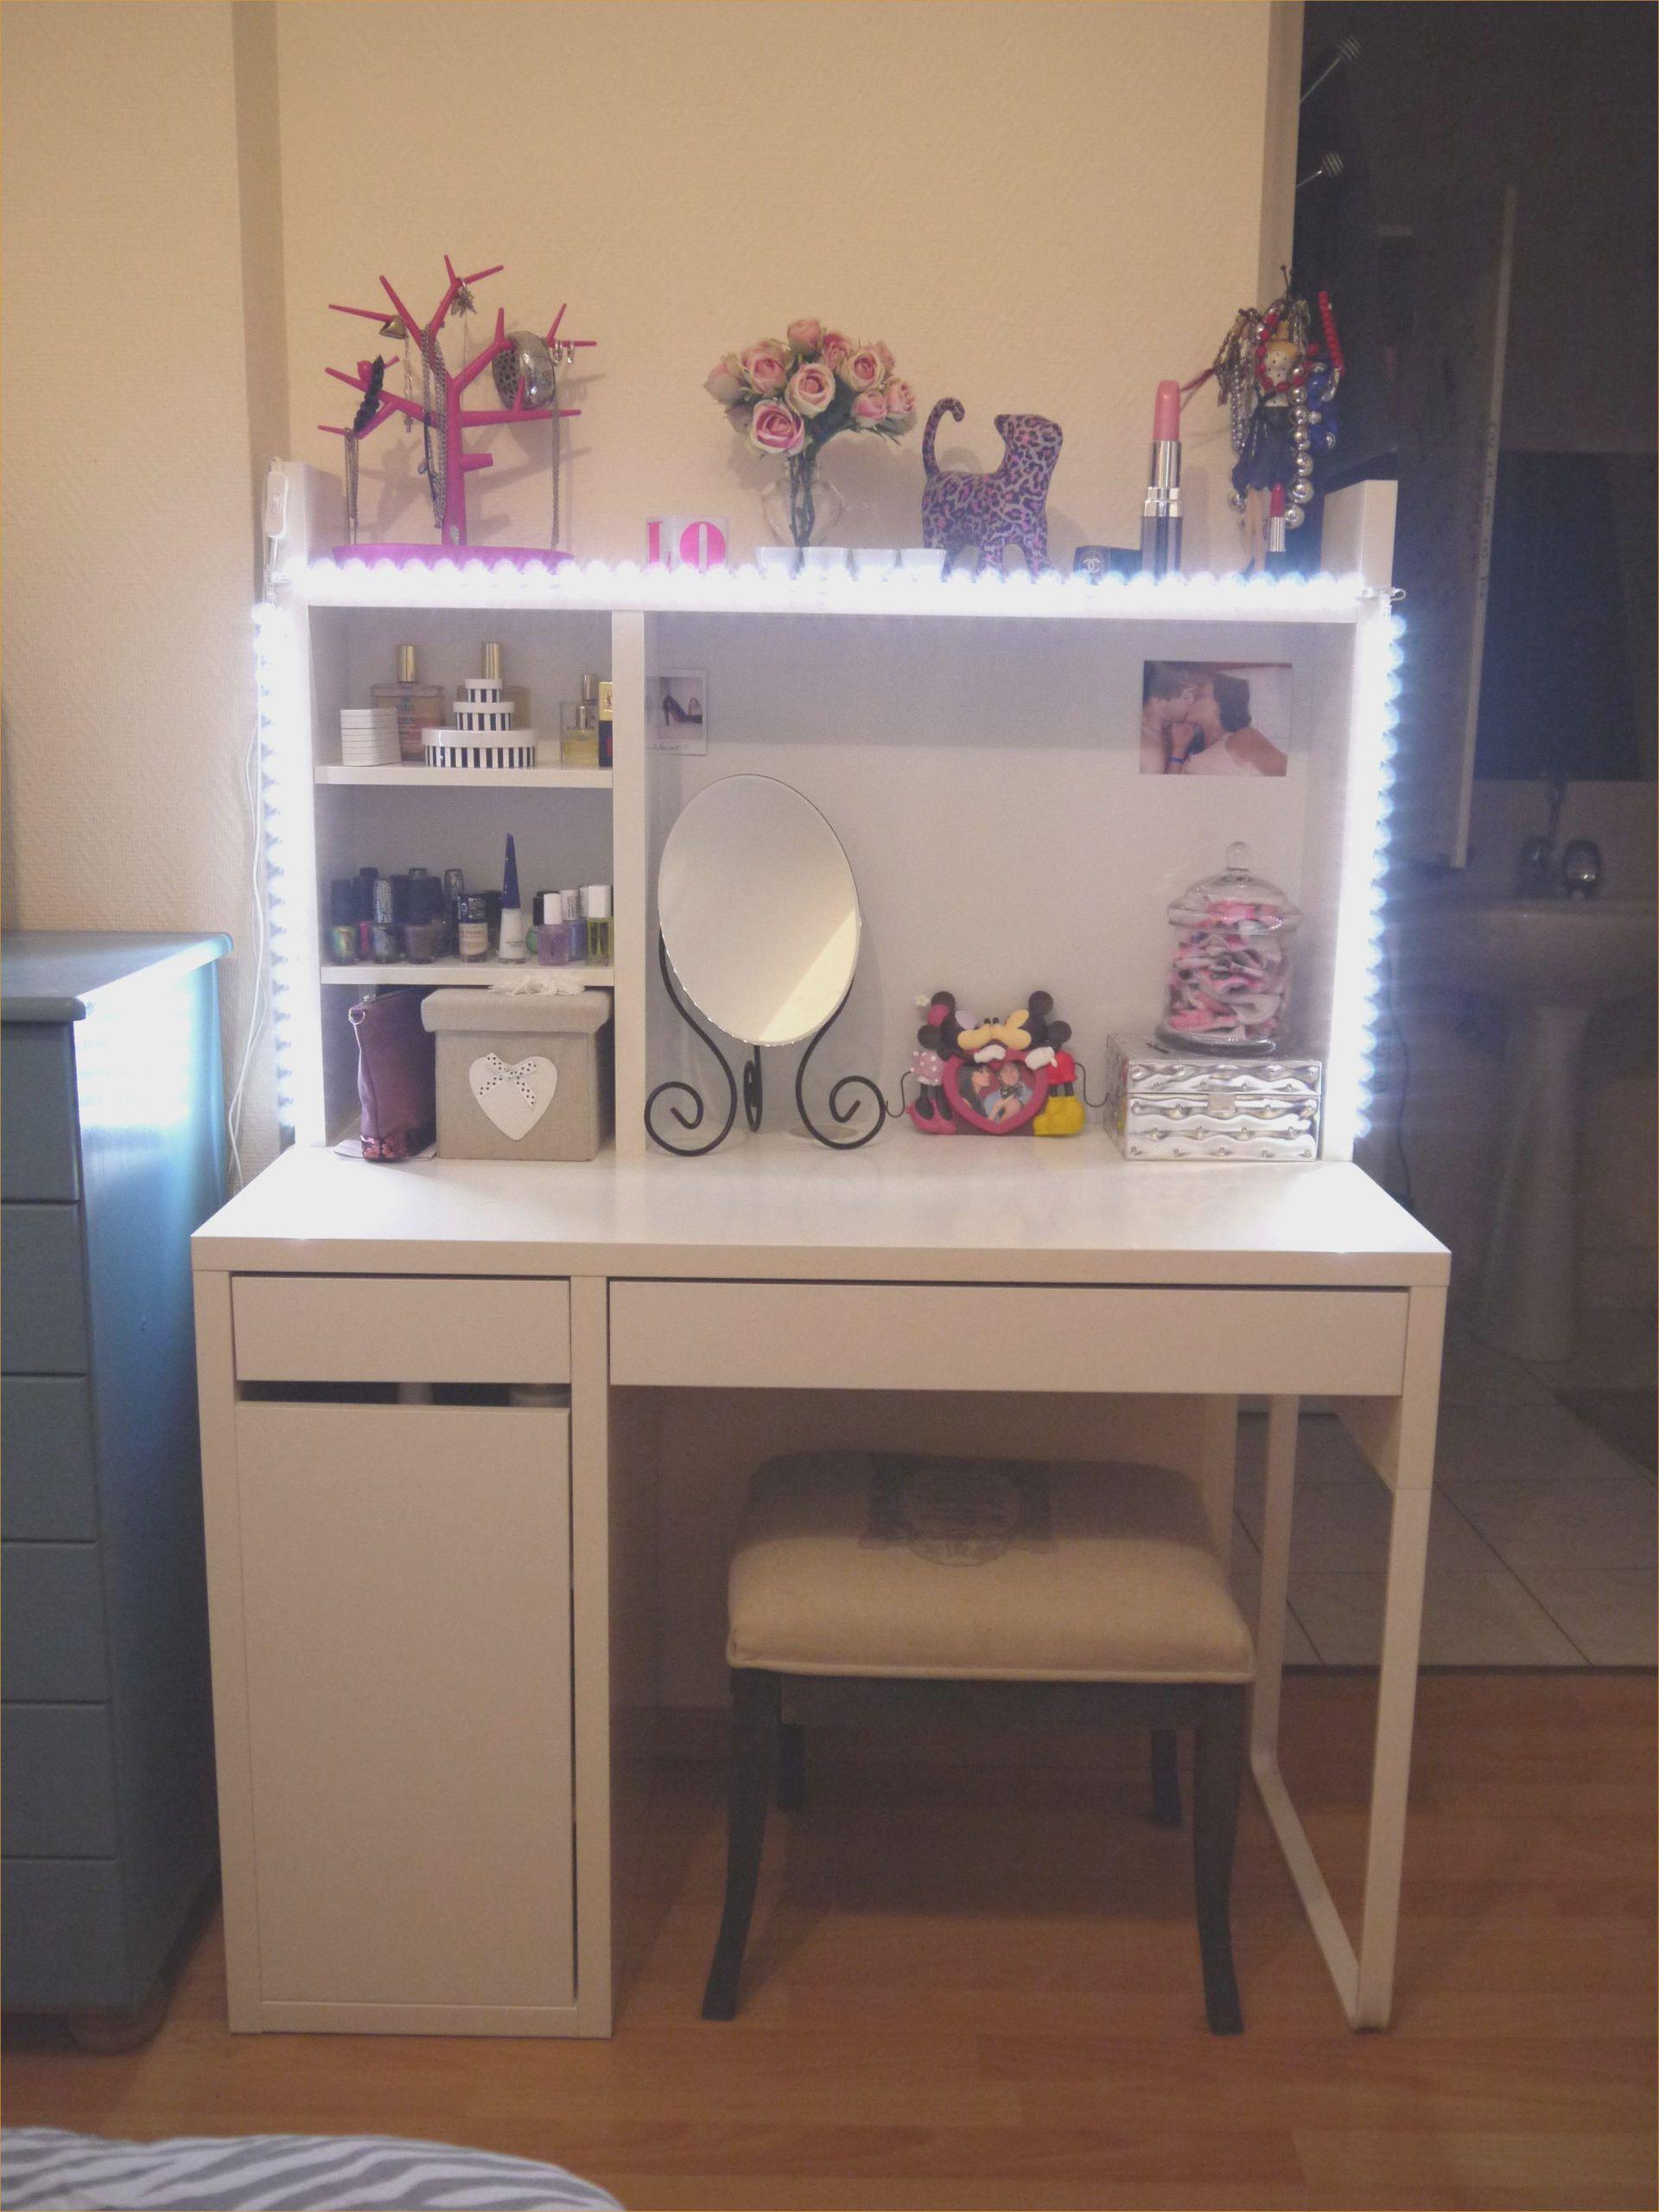 12 Artistique Chambre Pour Fille Ikea Decoracion De Tocador Decoracion Del Dormitorio Decoracion De Unas